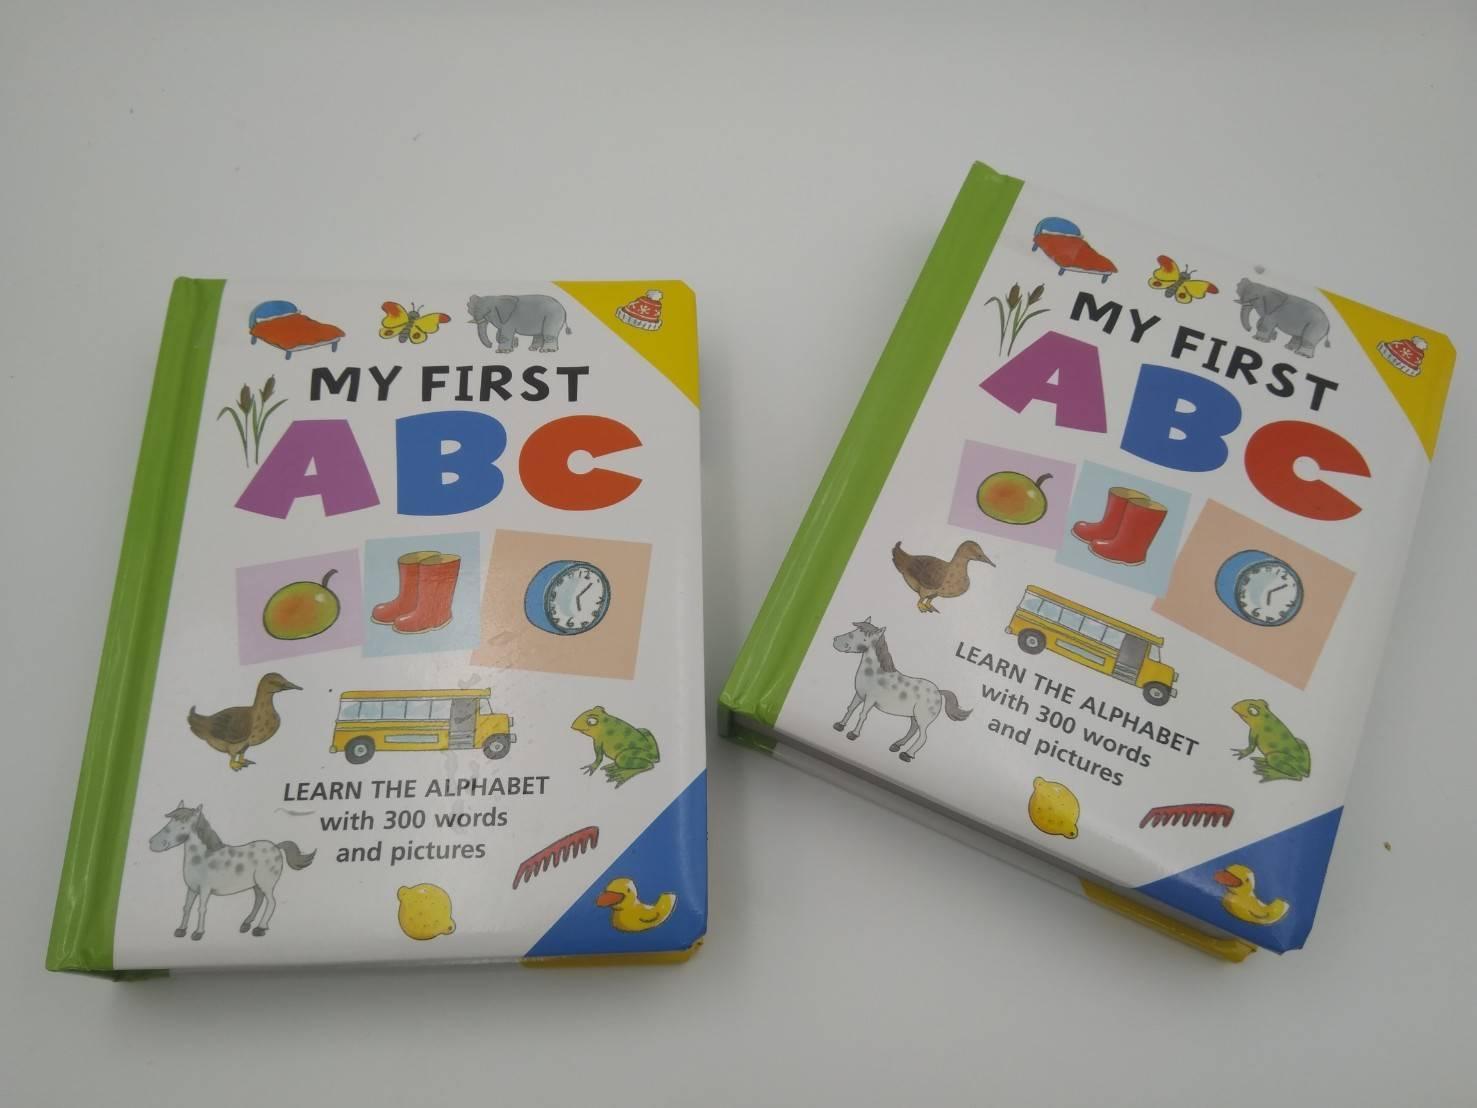 My First ABC มาเรียนรู้ตัวอักษรและคำศัพท์กังหนังสือบอร์ดบุคดีๆ ราคาเบาๆ กันจ้า